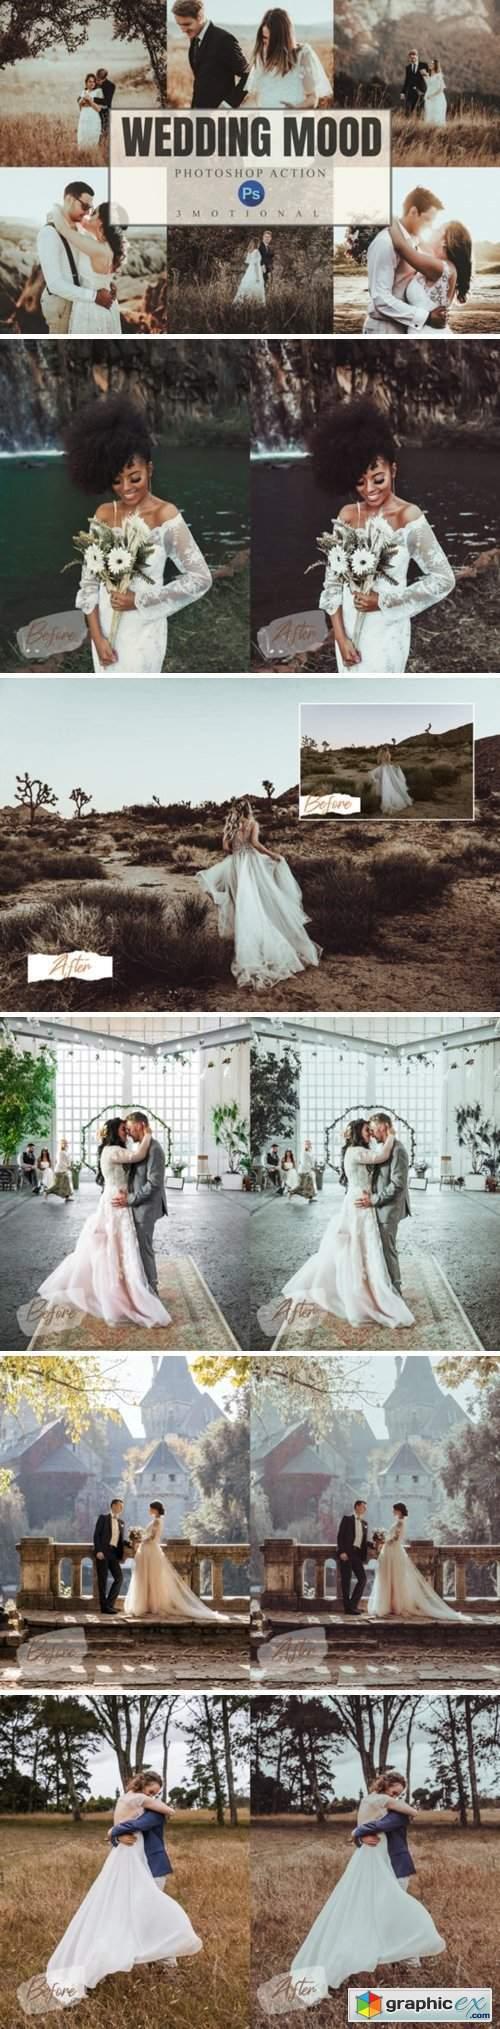 8 Wedding Mood Photoshop Actions ACR LUT